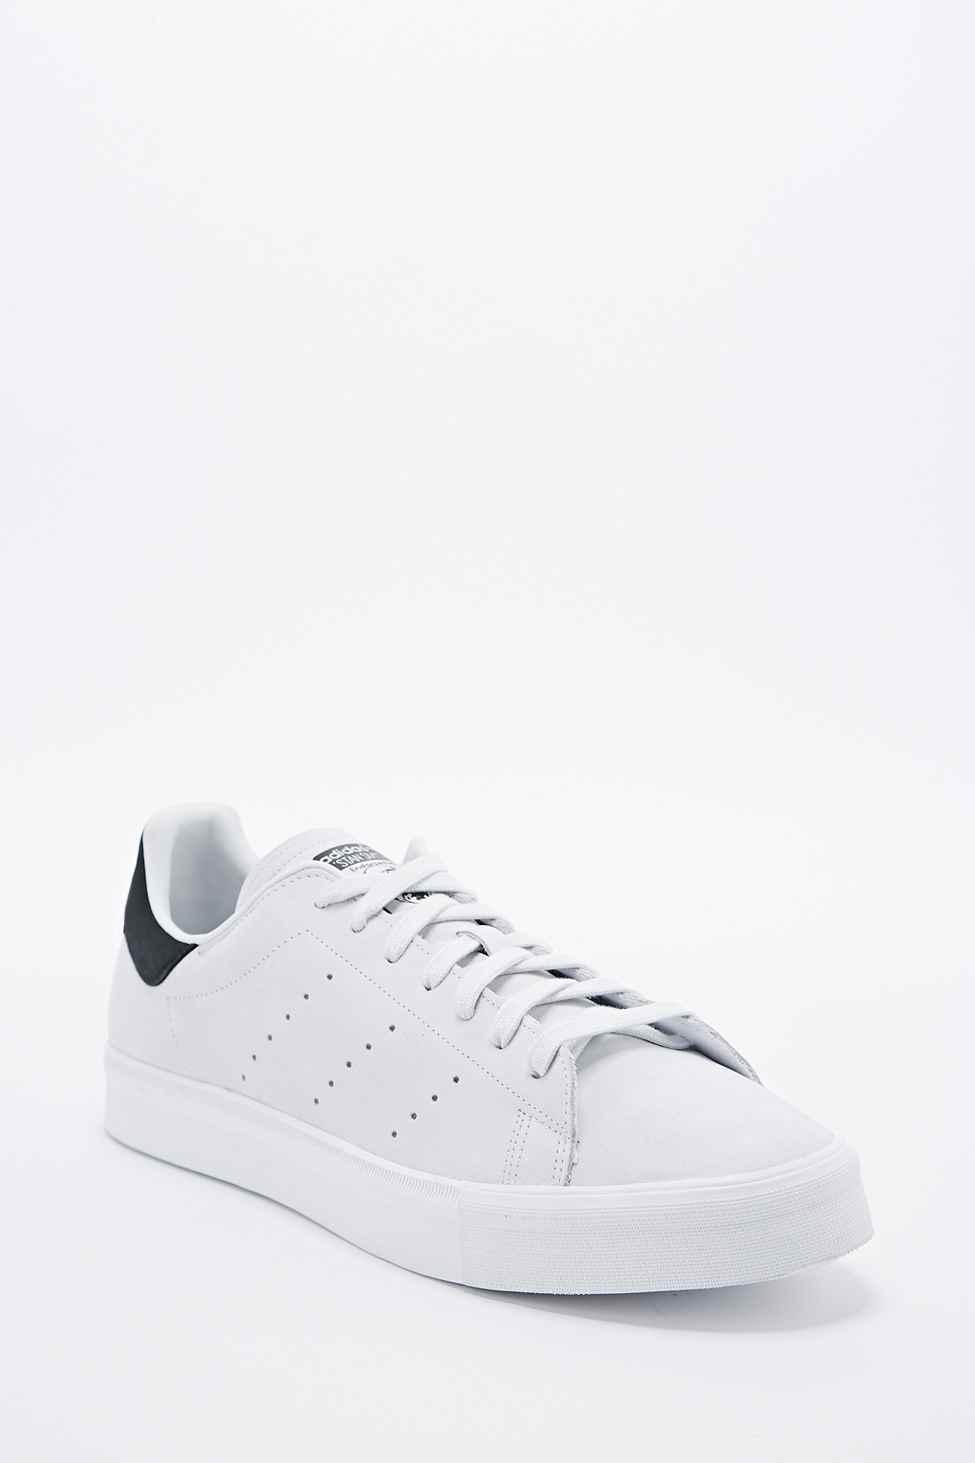 adidas originals stan smith vulc ausbilder in weiß in weiß für männer